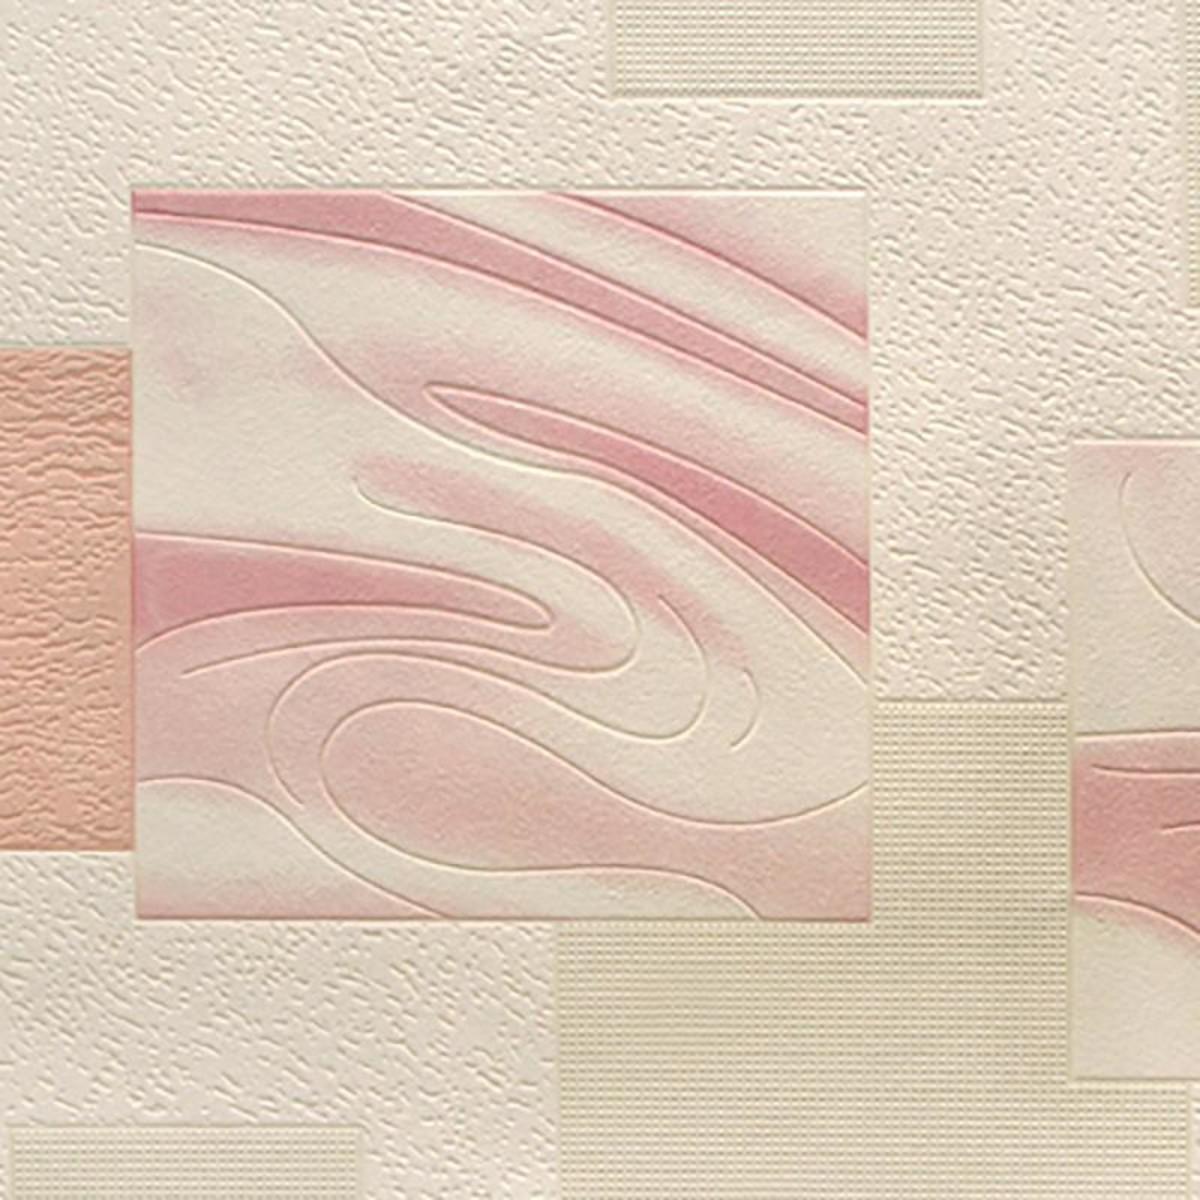 Обои виниловые Elysium Герда 0.53 м 97602